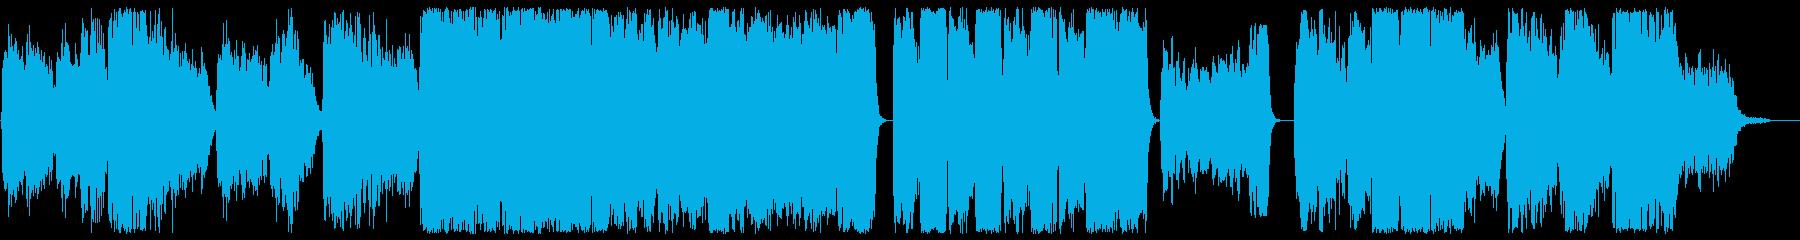 メローでメロディアスな合唱団風BGMの再生済みの波形